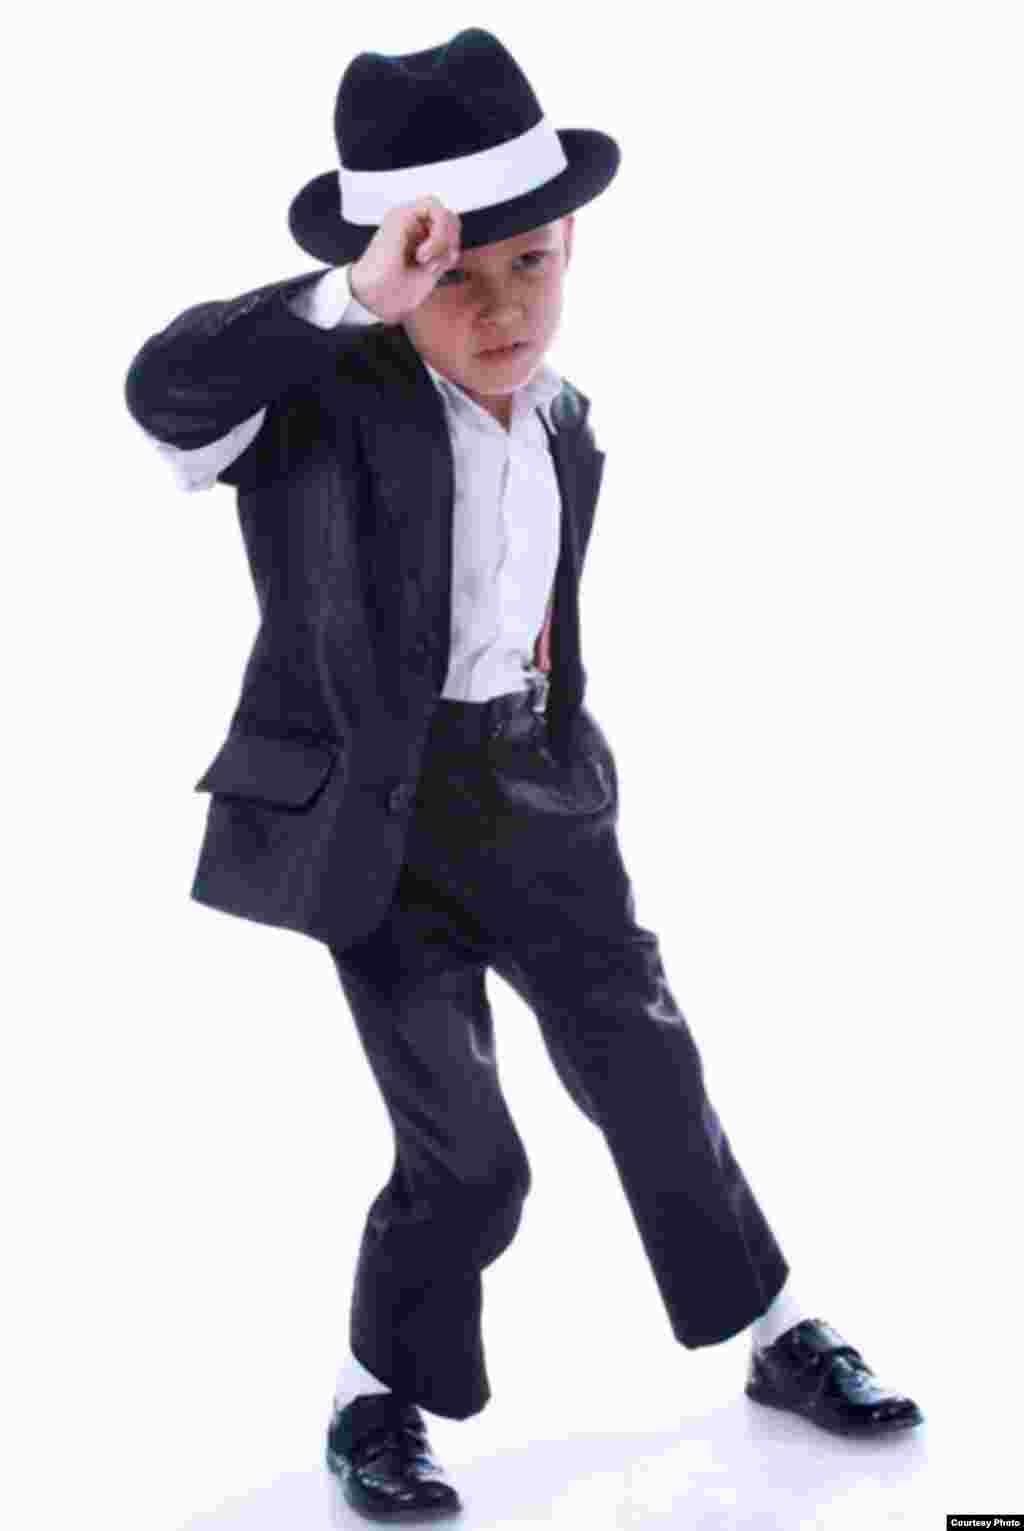 Ермек Балжігіт, 9 жаста. Рэп әншісі. Жеті жасында Алматы циркінде жеке концертін өткізді.